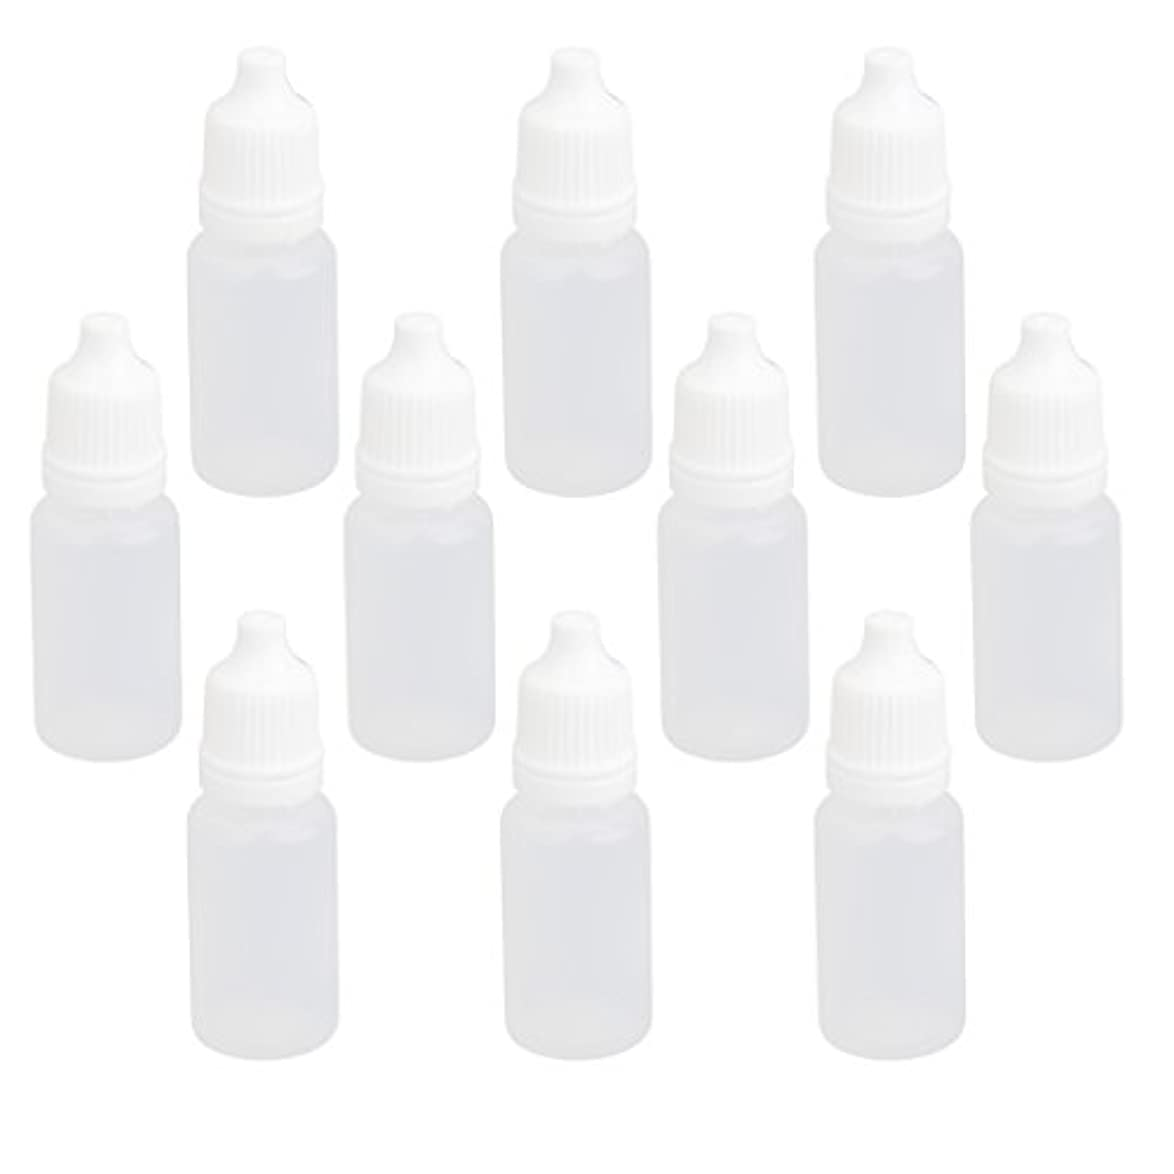 契約アウトドア保有者【ノーブランド品】ドロッパーボトル 点眼 液体 貯蔵用 滴瓶 プラスチック製 10個 (10ml)